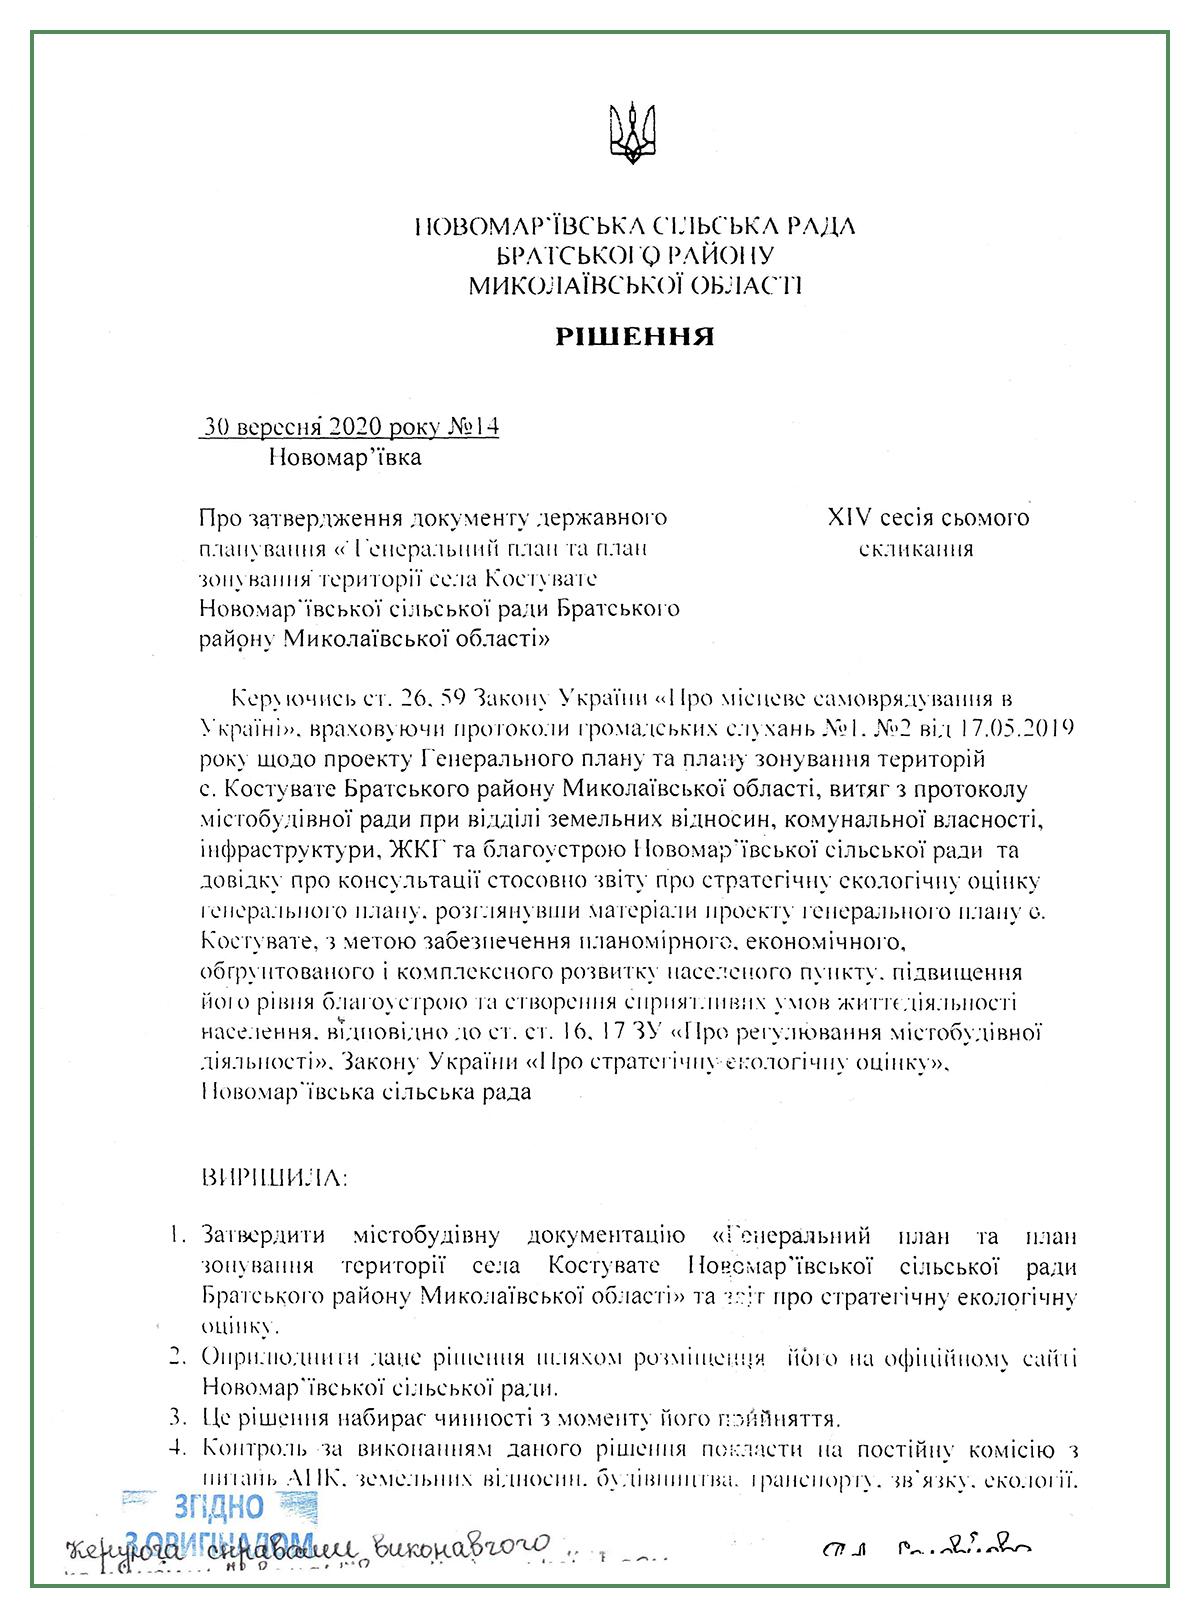 утвердили генплан Костоватое